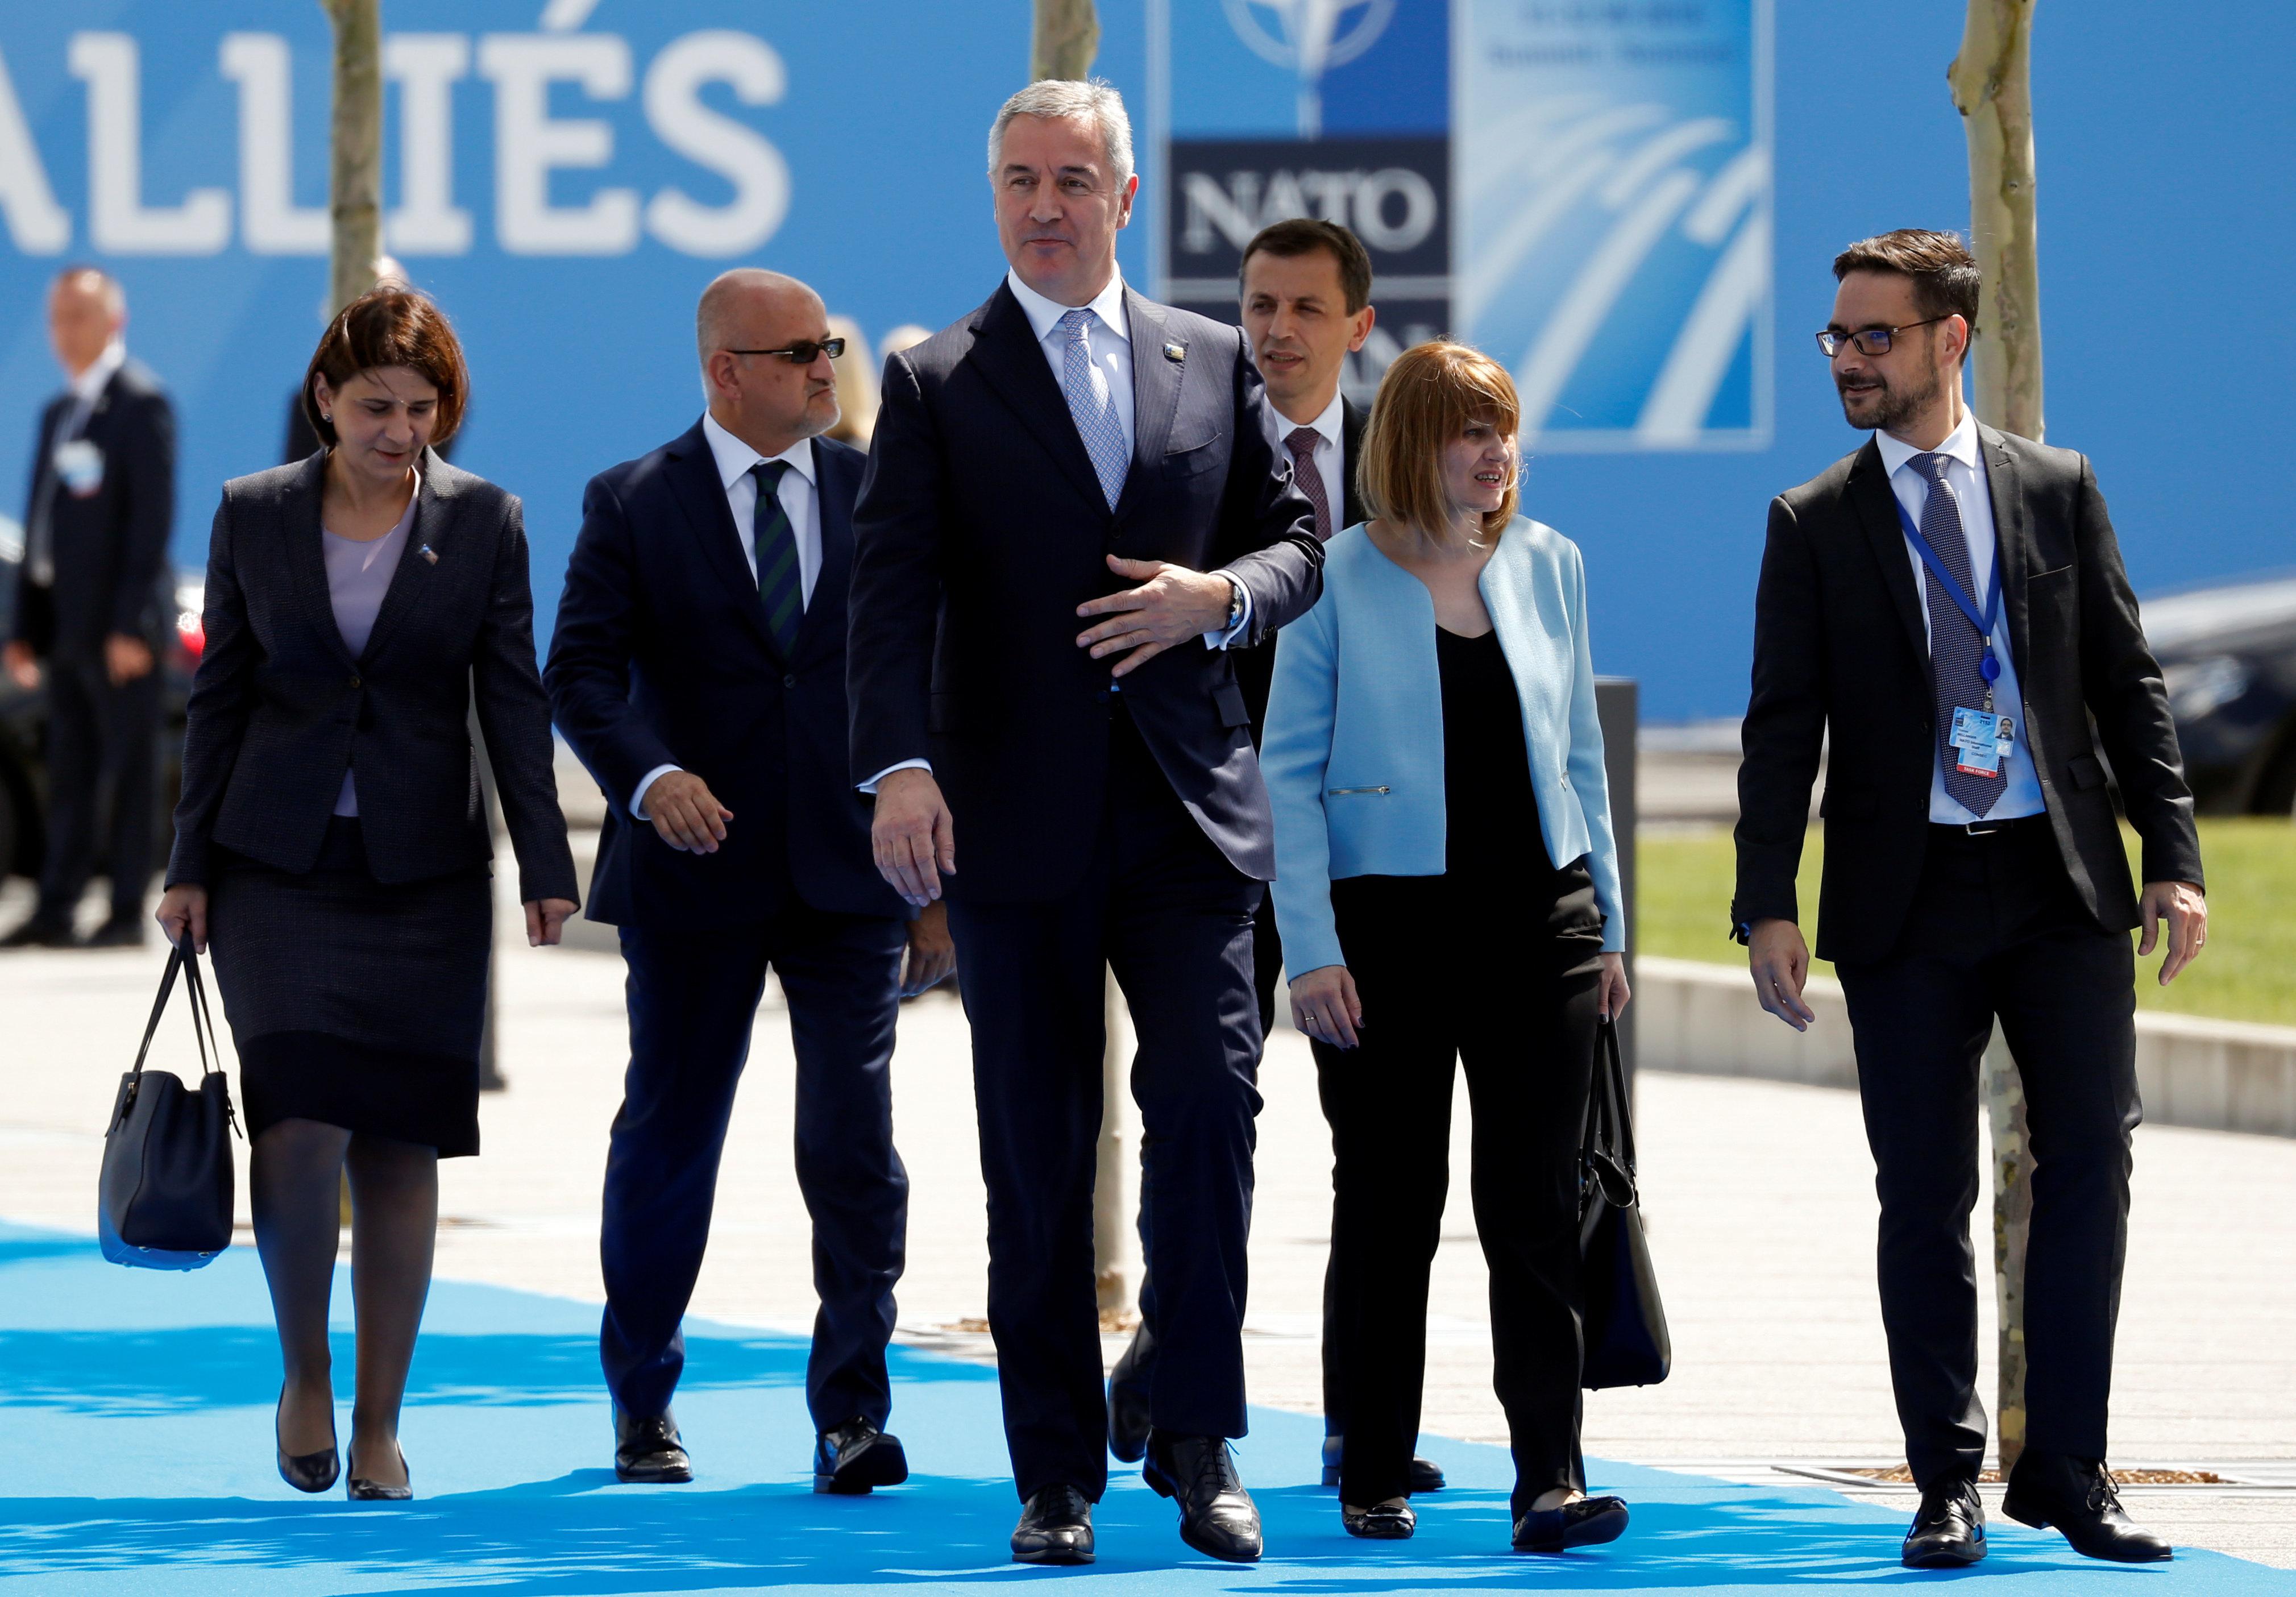 Ηγέτες στο ΝΑΤΟ έκαναν ήδη τα βαφτίσια και άρχισαν να μιλούν για τη «Βόρεια